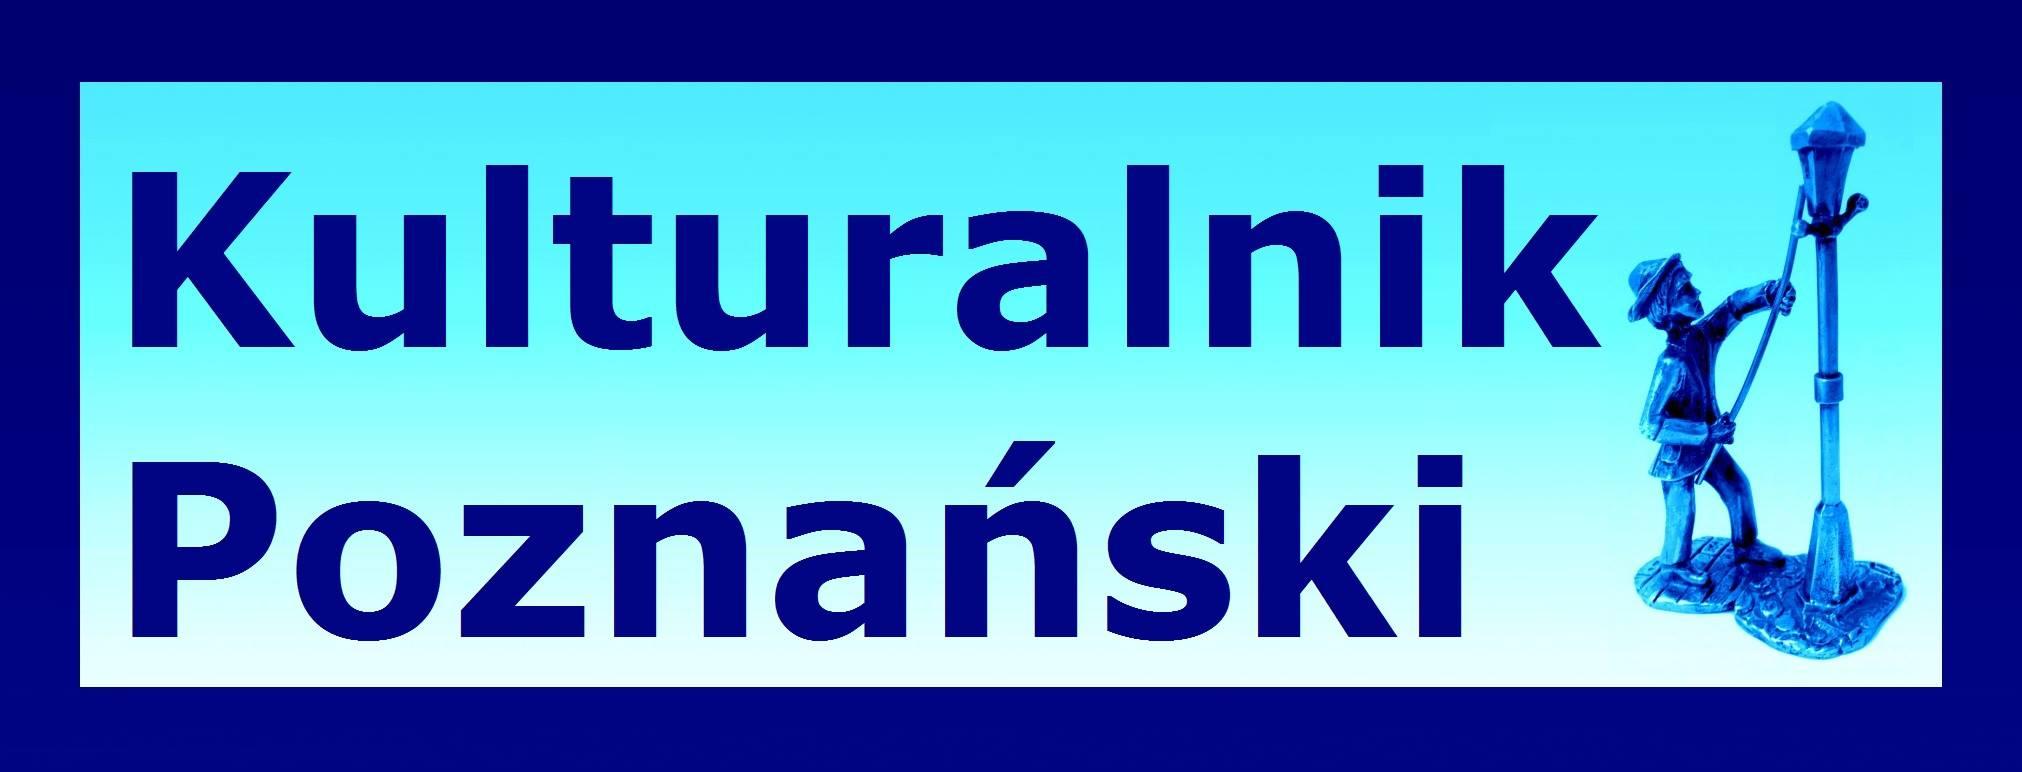 Kulturalnik Poznański